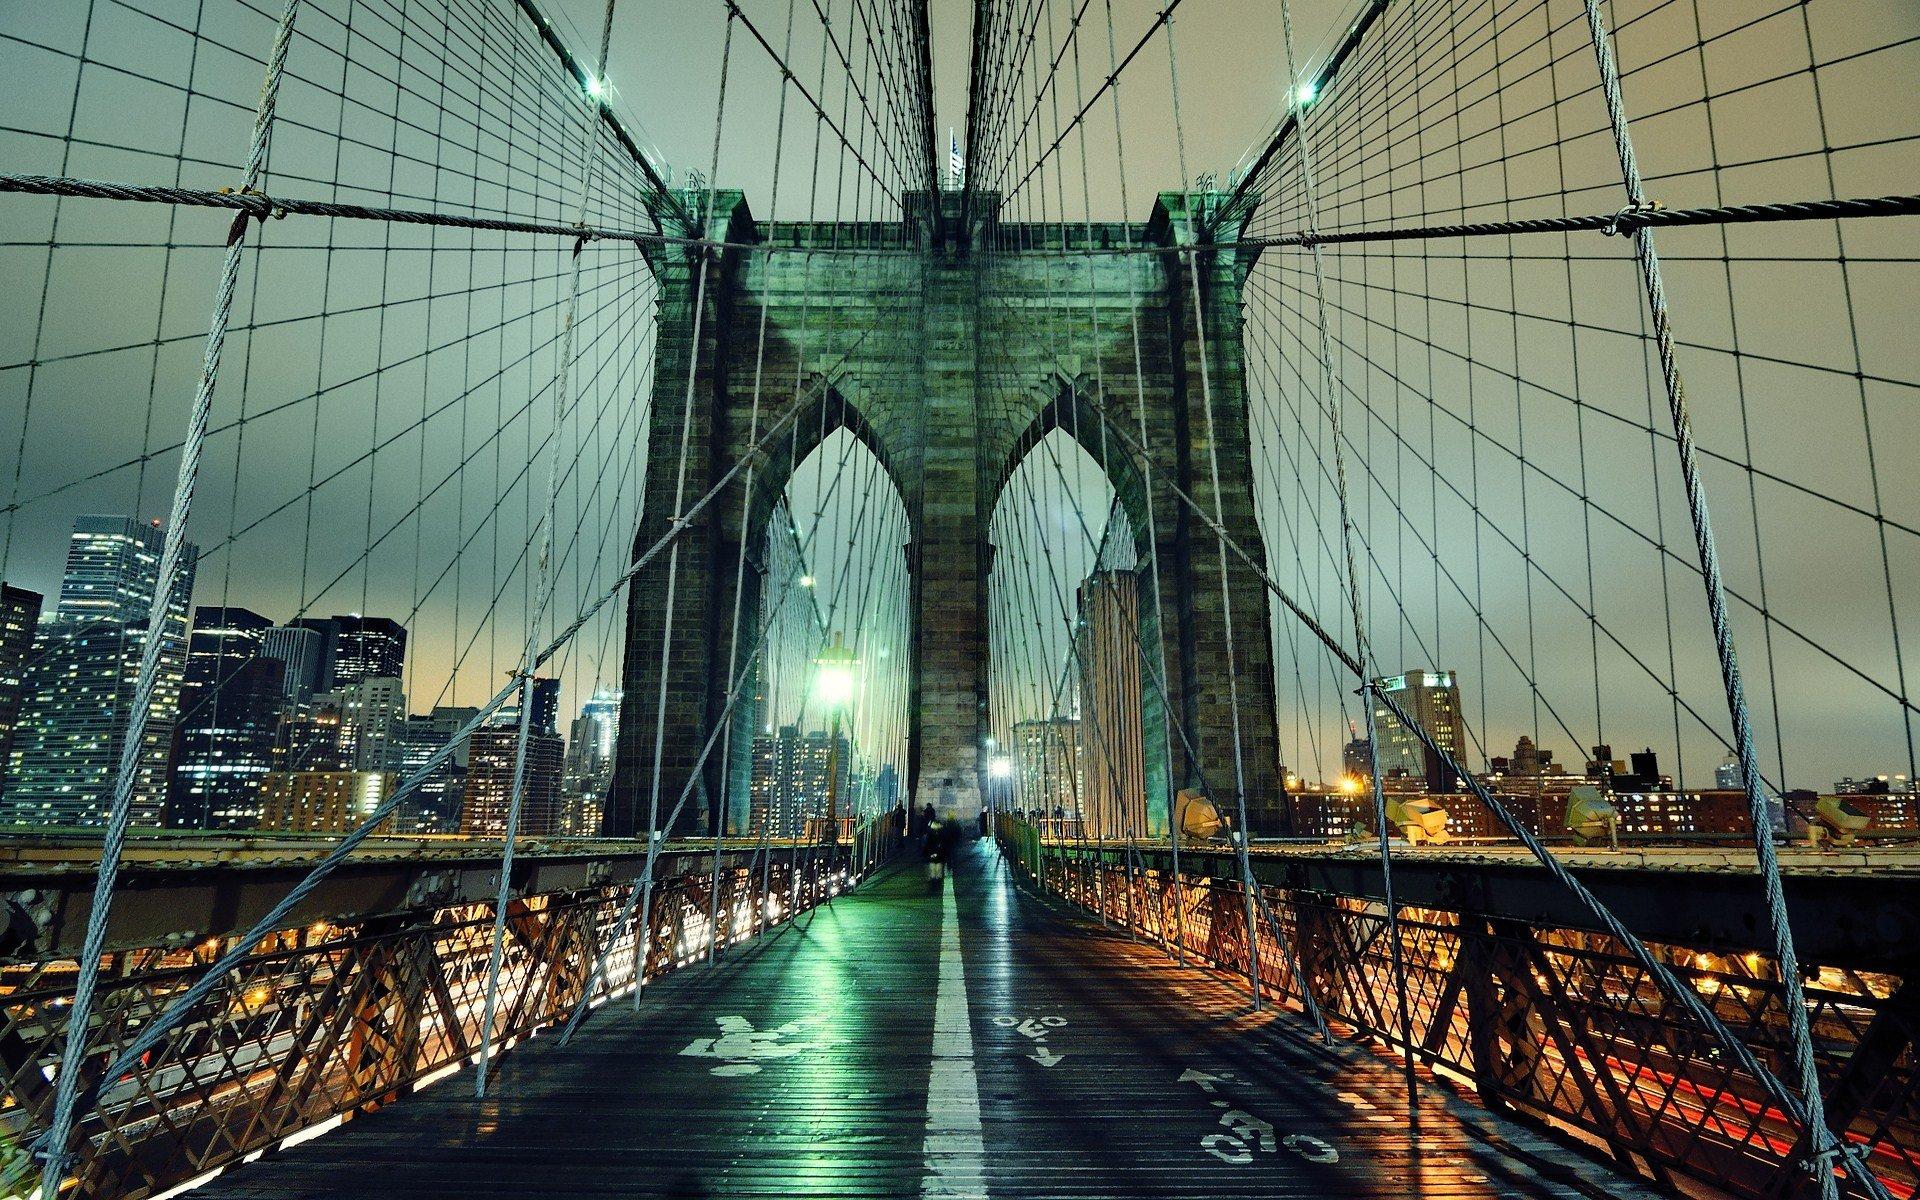 Картинки на мосту, пожеланиями хорошего дня